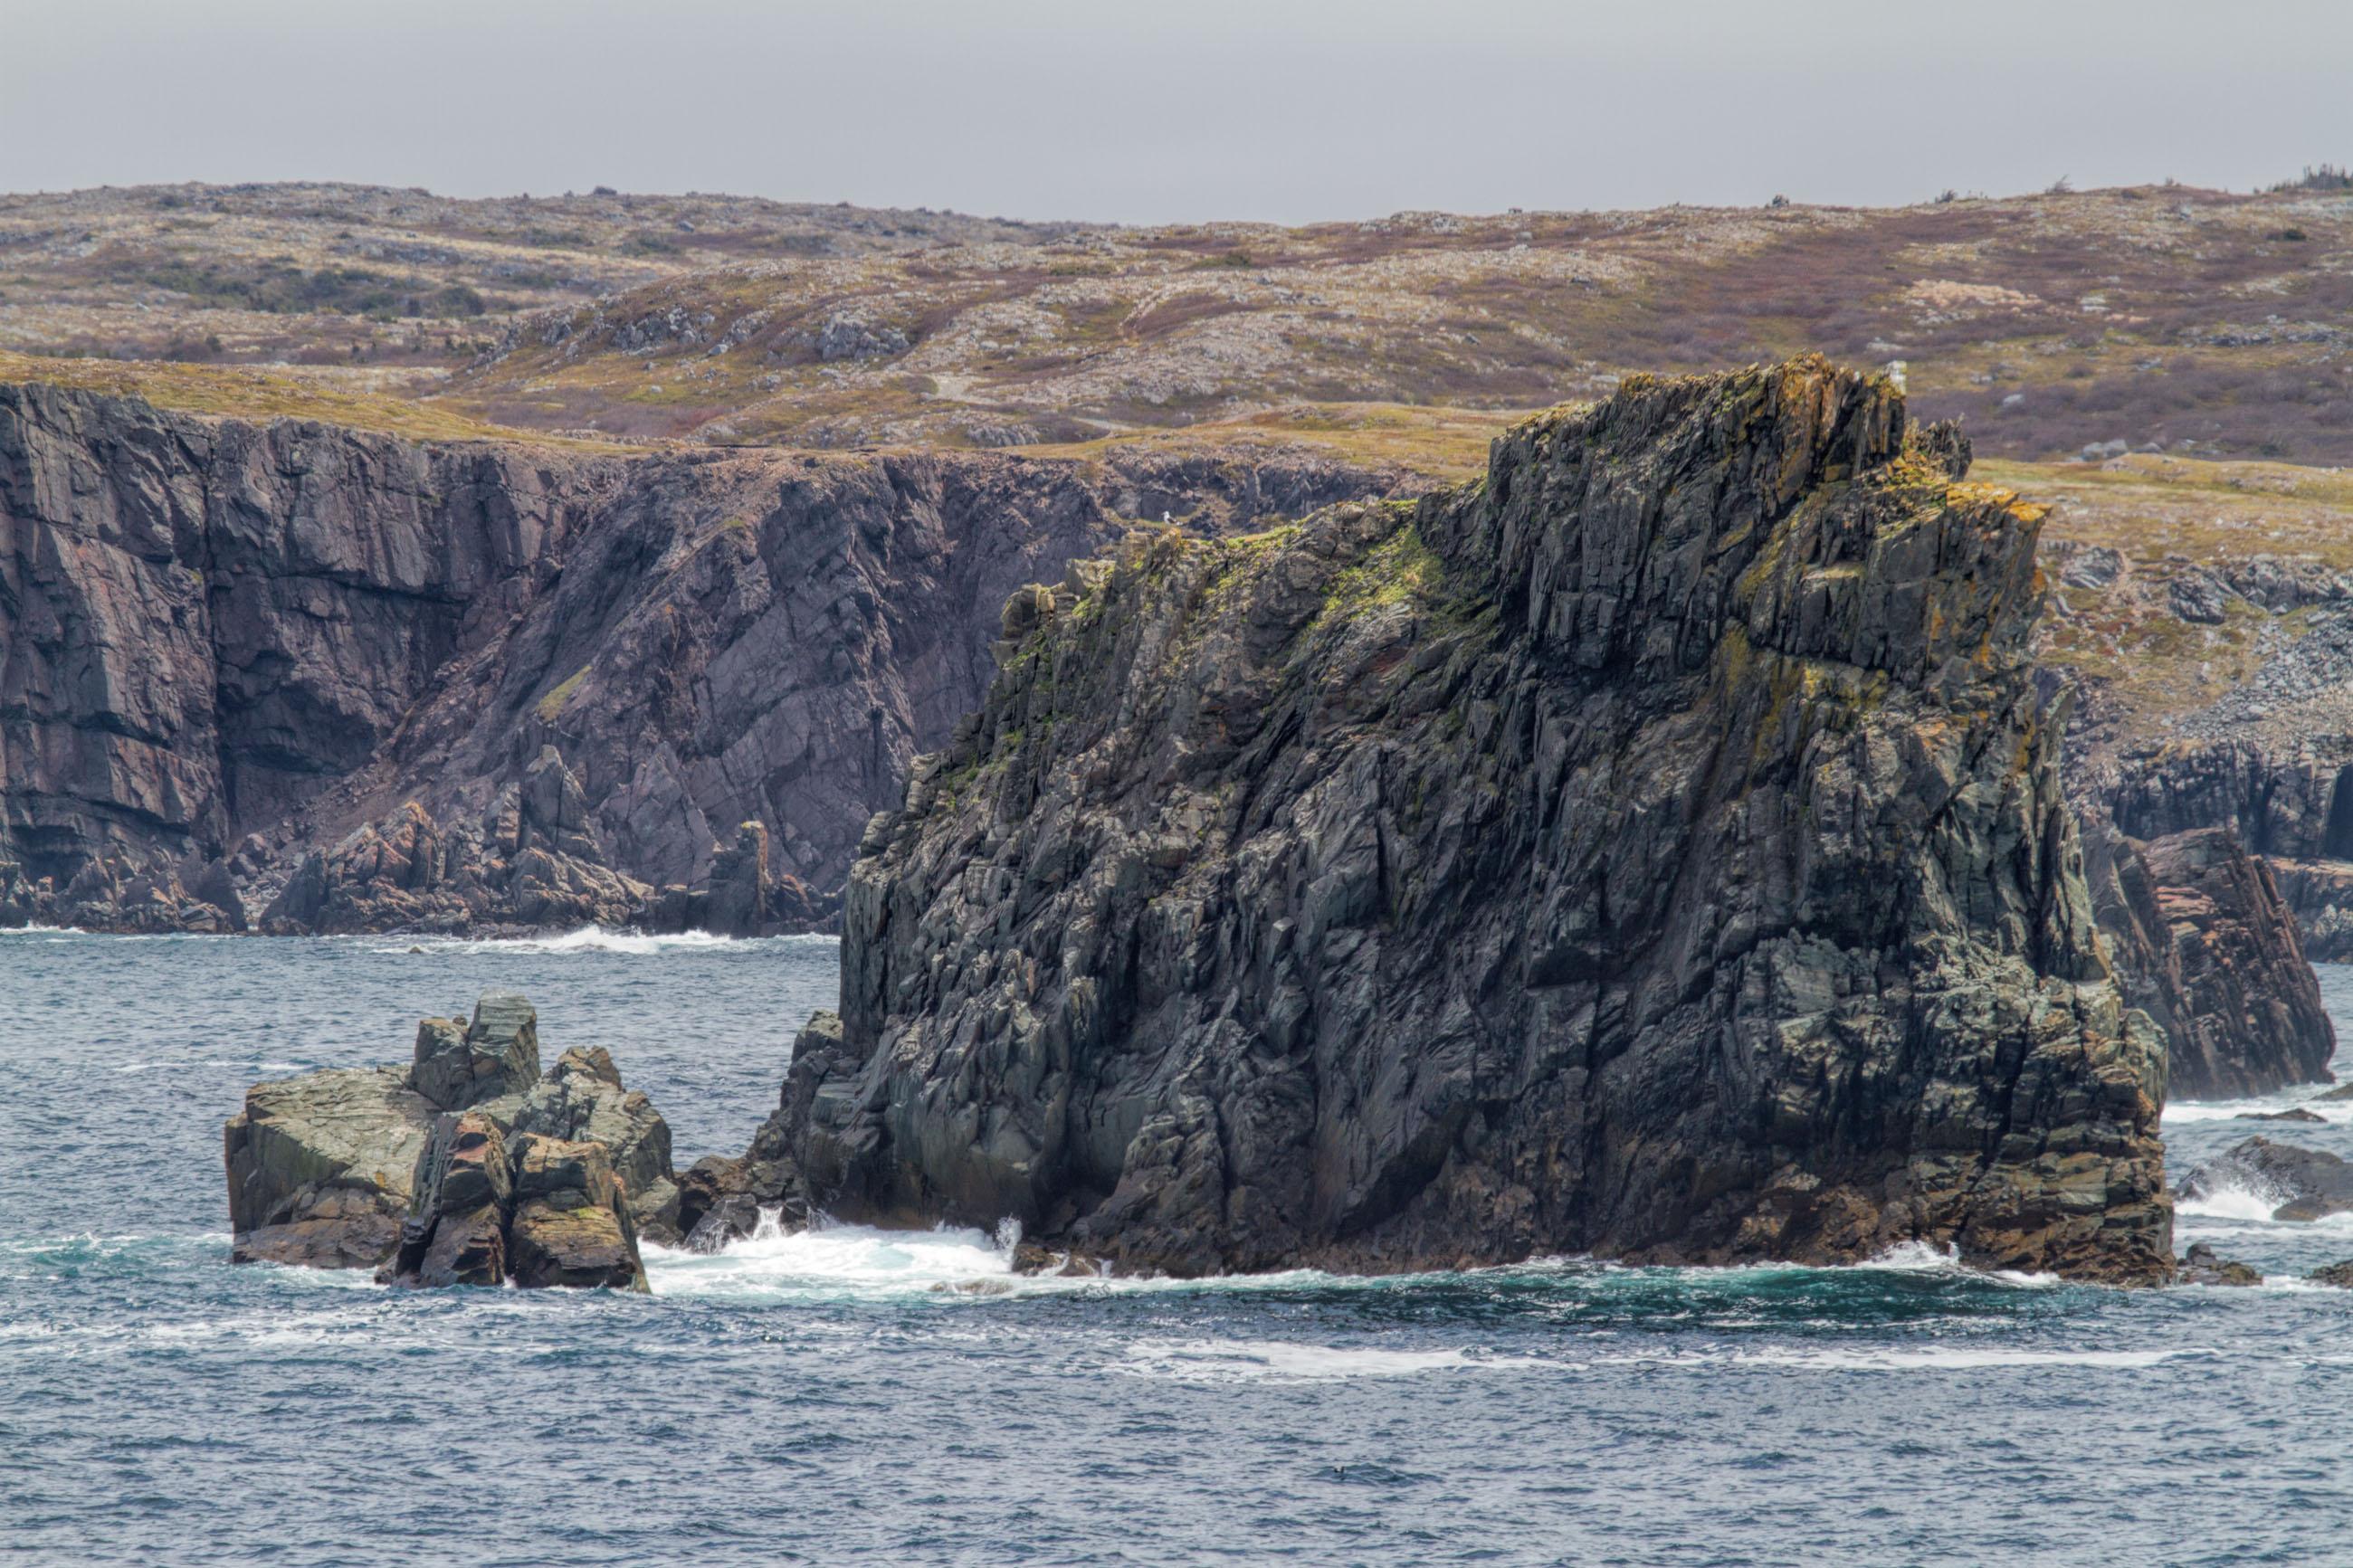 Atlantic Canada Coastline, Rocky, Rough, Scenery, Scenic, HQ Photo